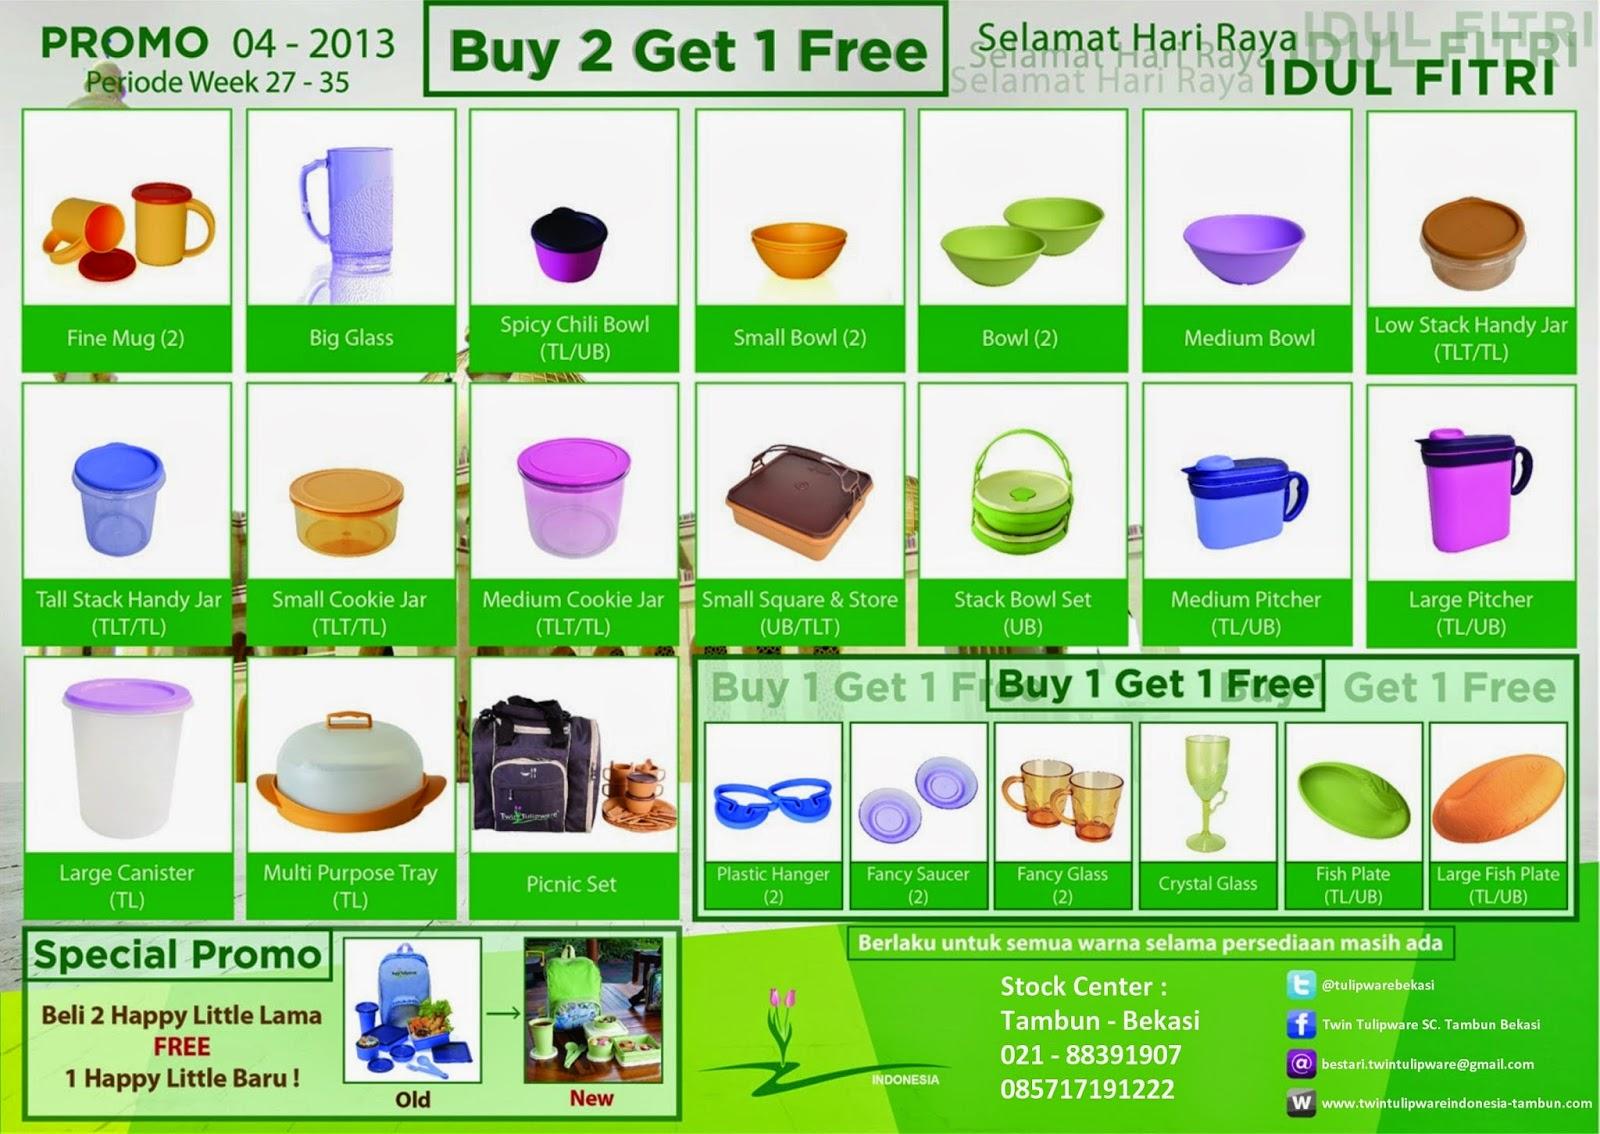 Promo Buy 2 Get 1 Free Twin Tulipware Juli - Agustus 2013